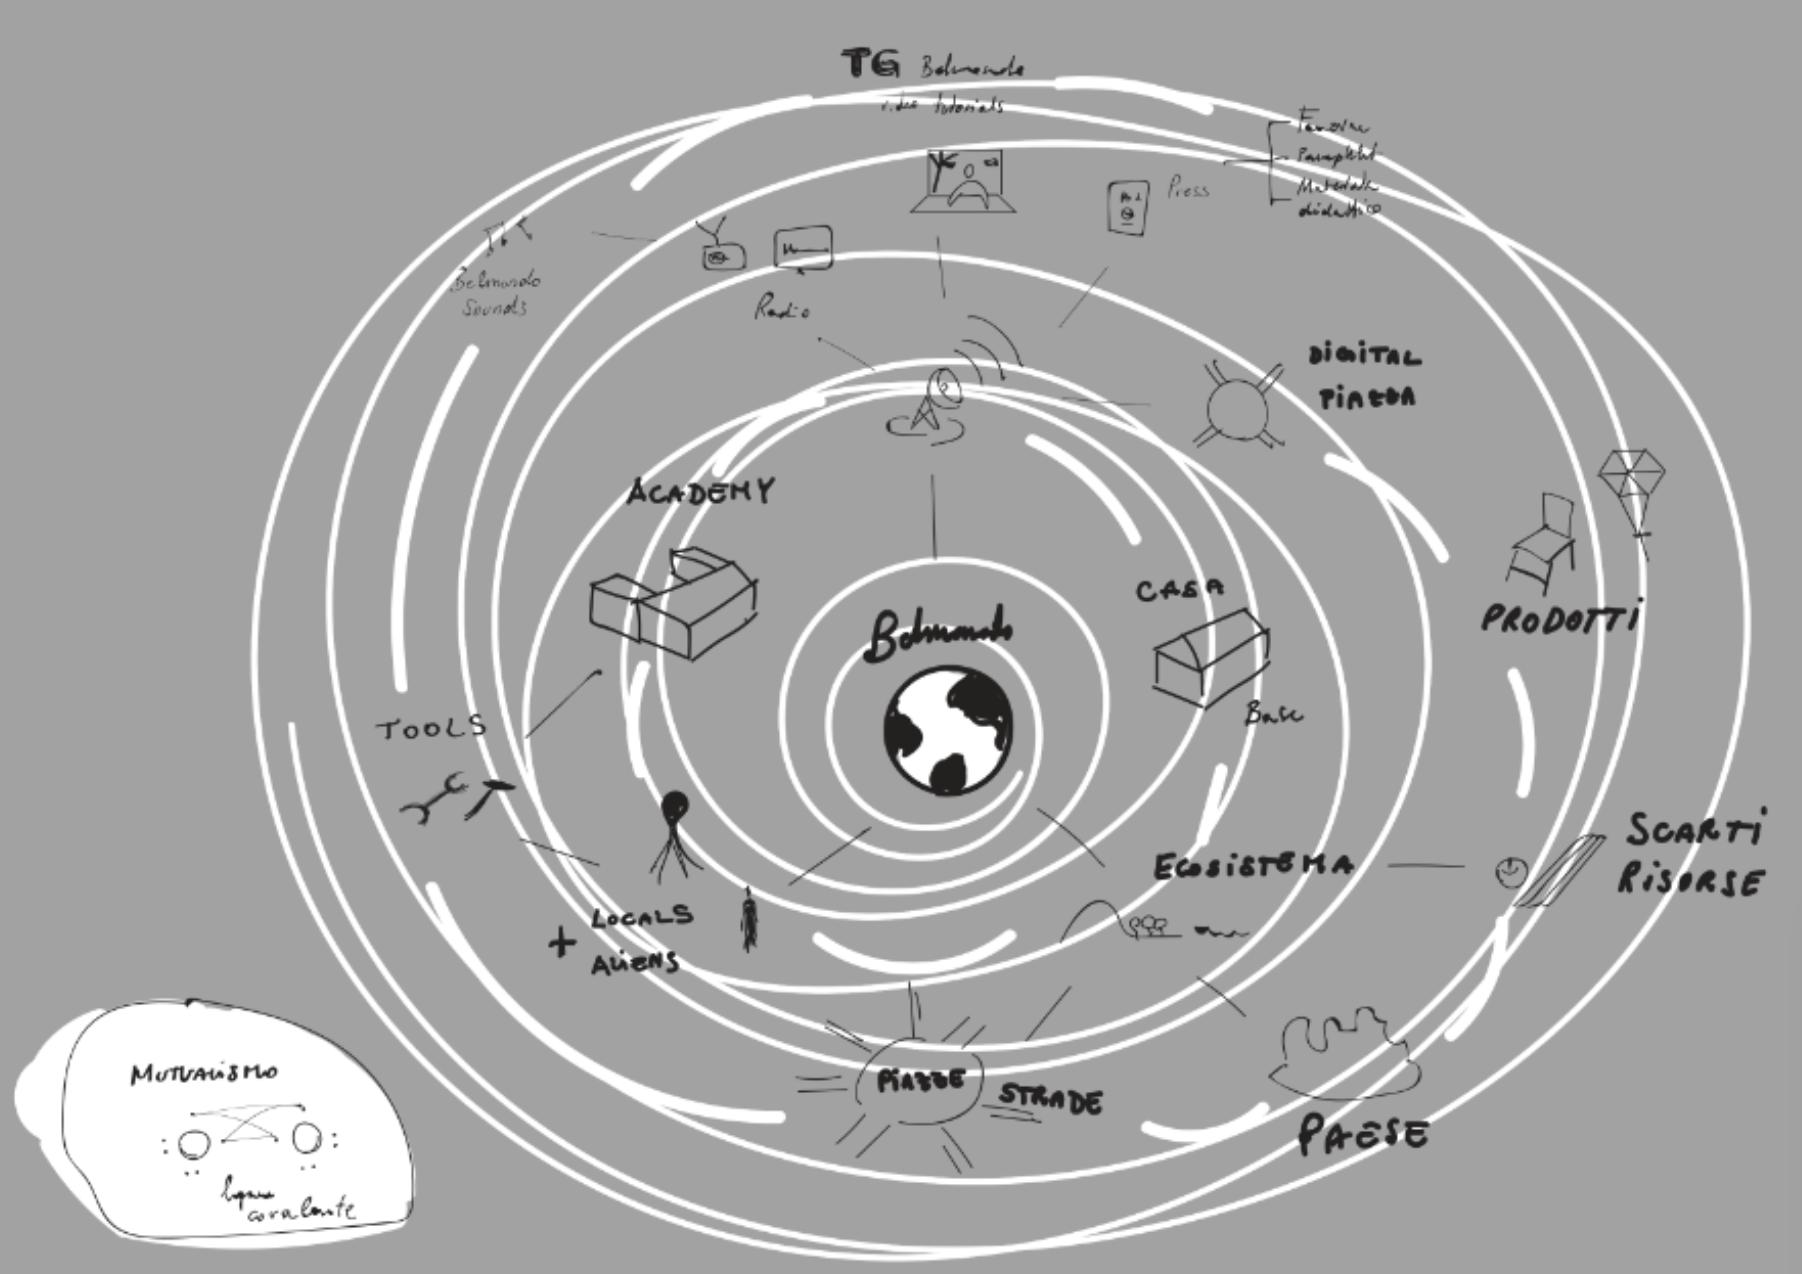 Grafico illustrativo degli attori coinvolti a Belmondo